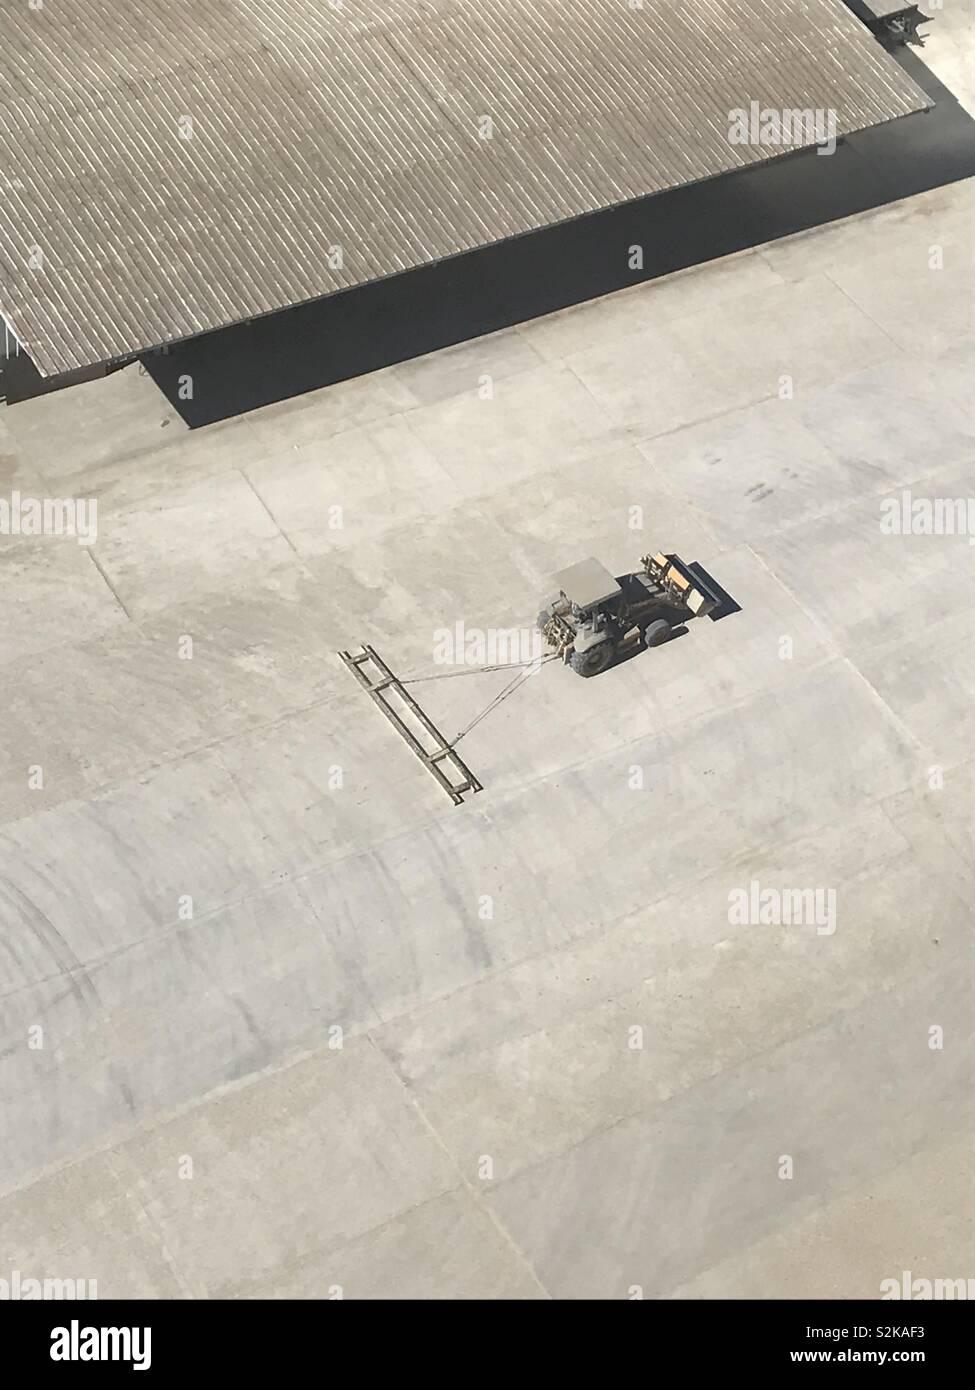 Traktor bewegt sich von einem Ort zum anderen ziehen eine Glättung bar auf Beton. Stockbild